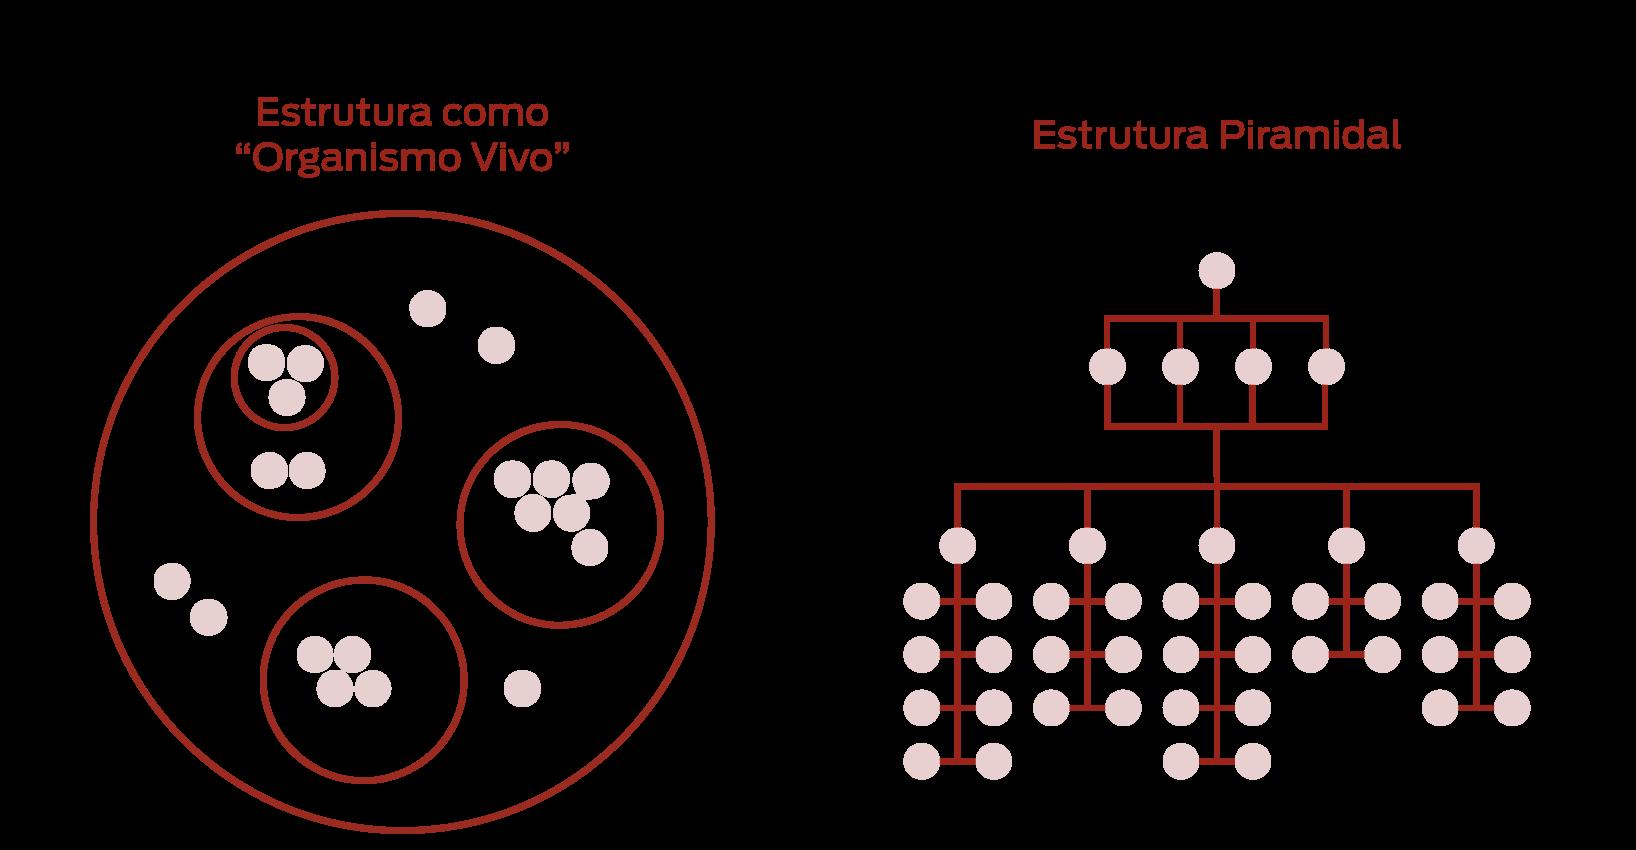 estrutura piramidal vs estrutura ágil organismo vivo